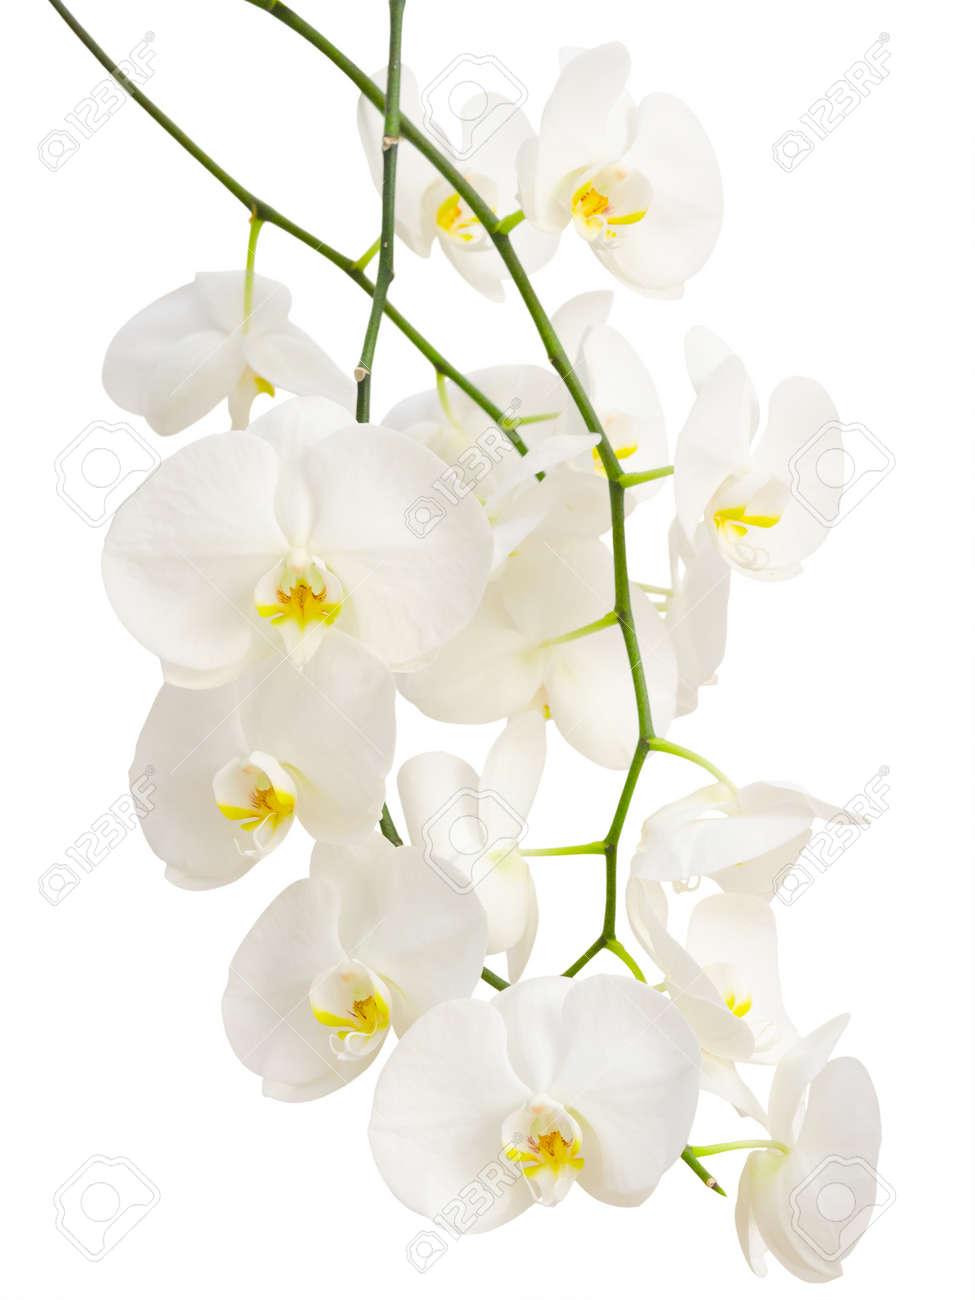 Elegantes Ramas Largas De Blancas Romanticas Flores De Las Orquideas